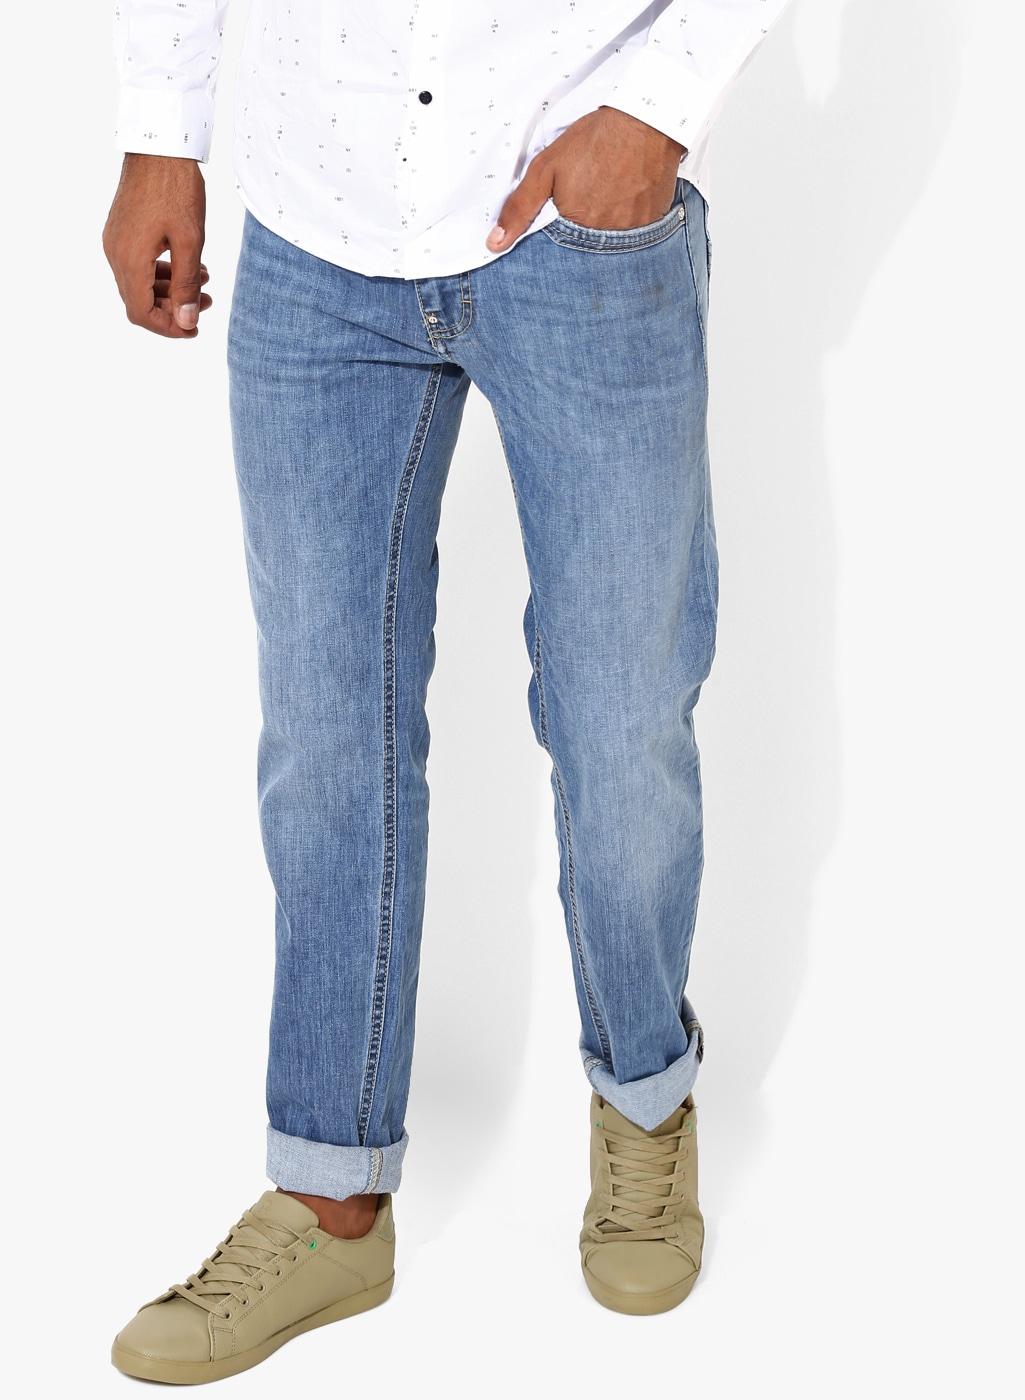 Gas Blue Morris Zip Slim Fit Jeans for men price - Best buy price in ... 93bc187ebe4